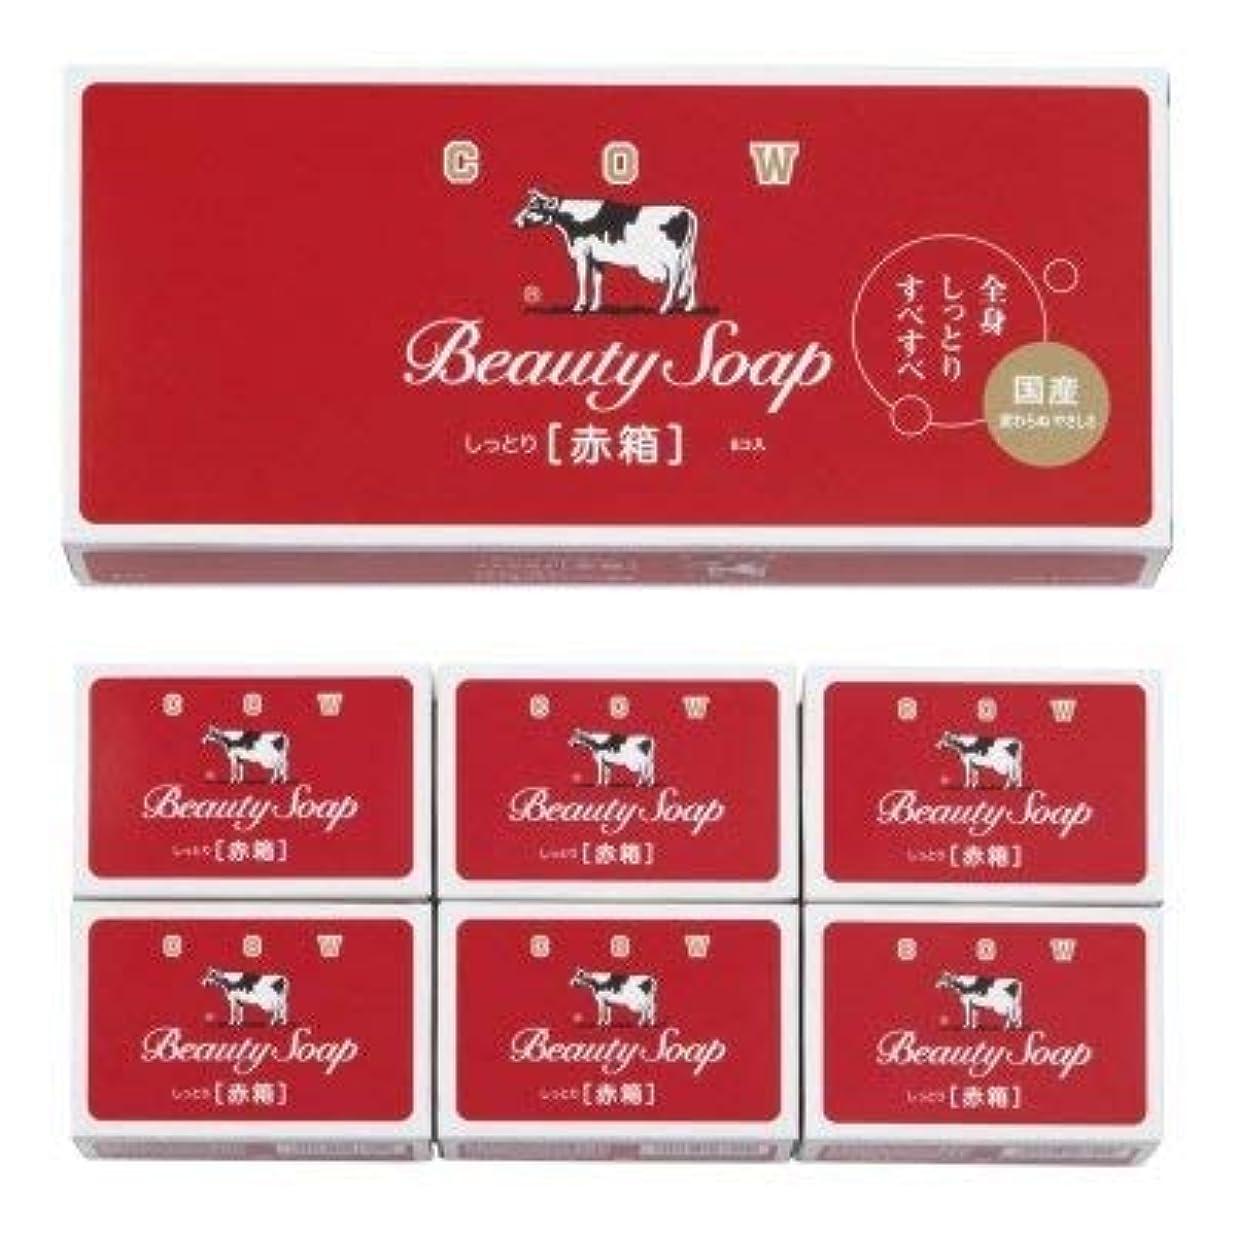 引くカニエンドウ【国産】牛乳石鹸 カウブランド 赤箱6コ入 (12個1セット)